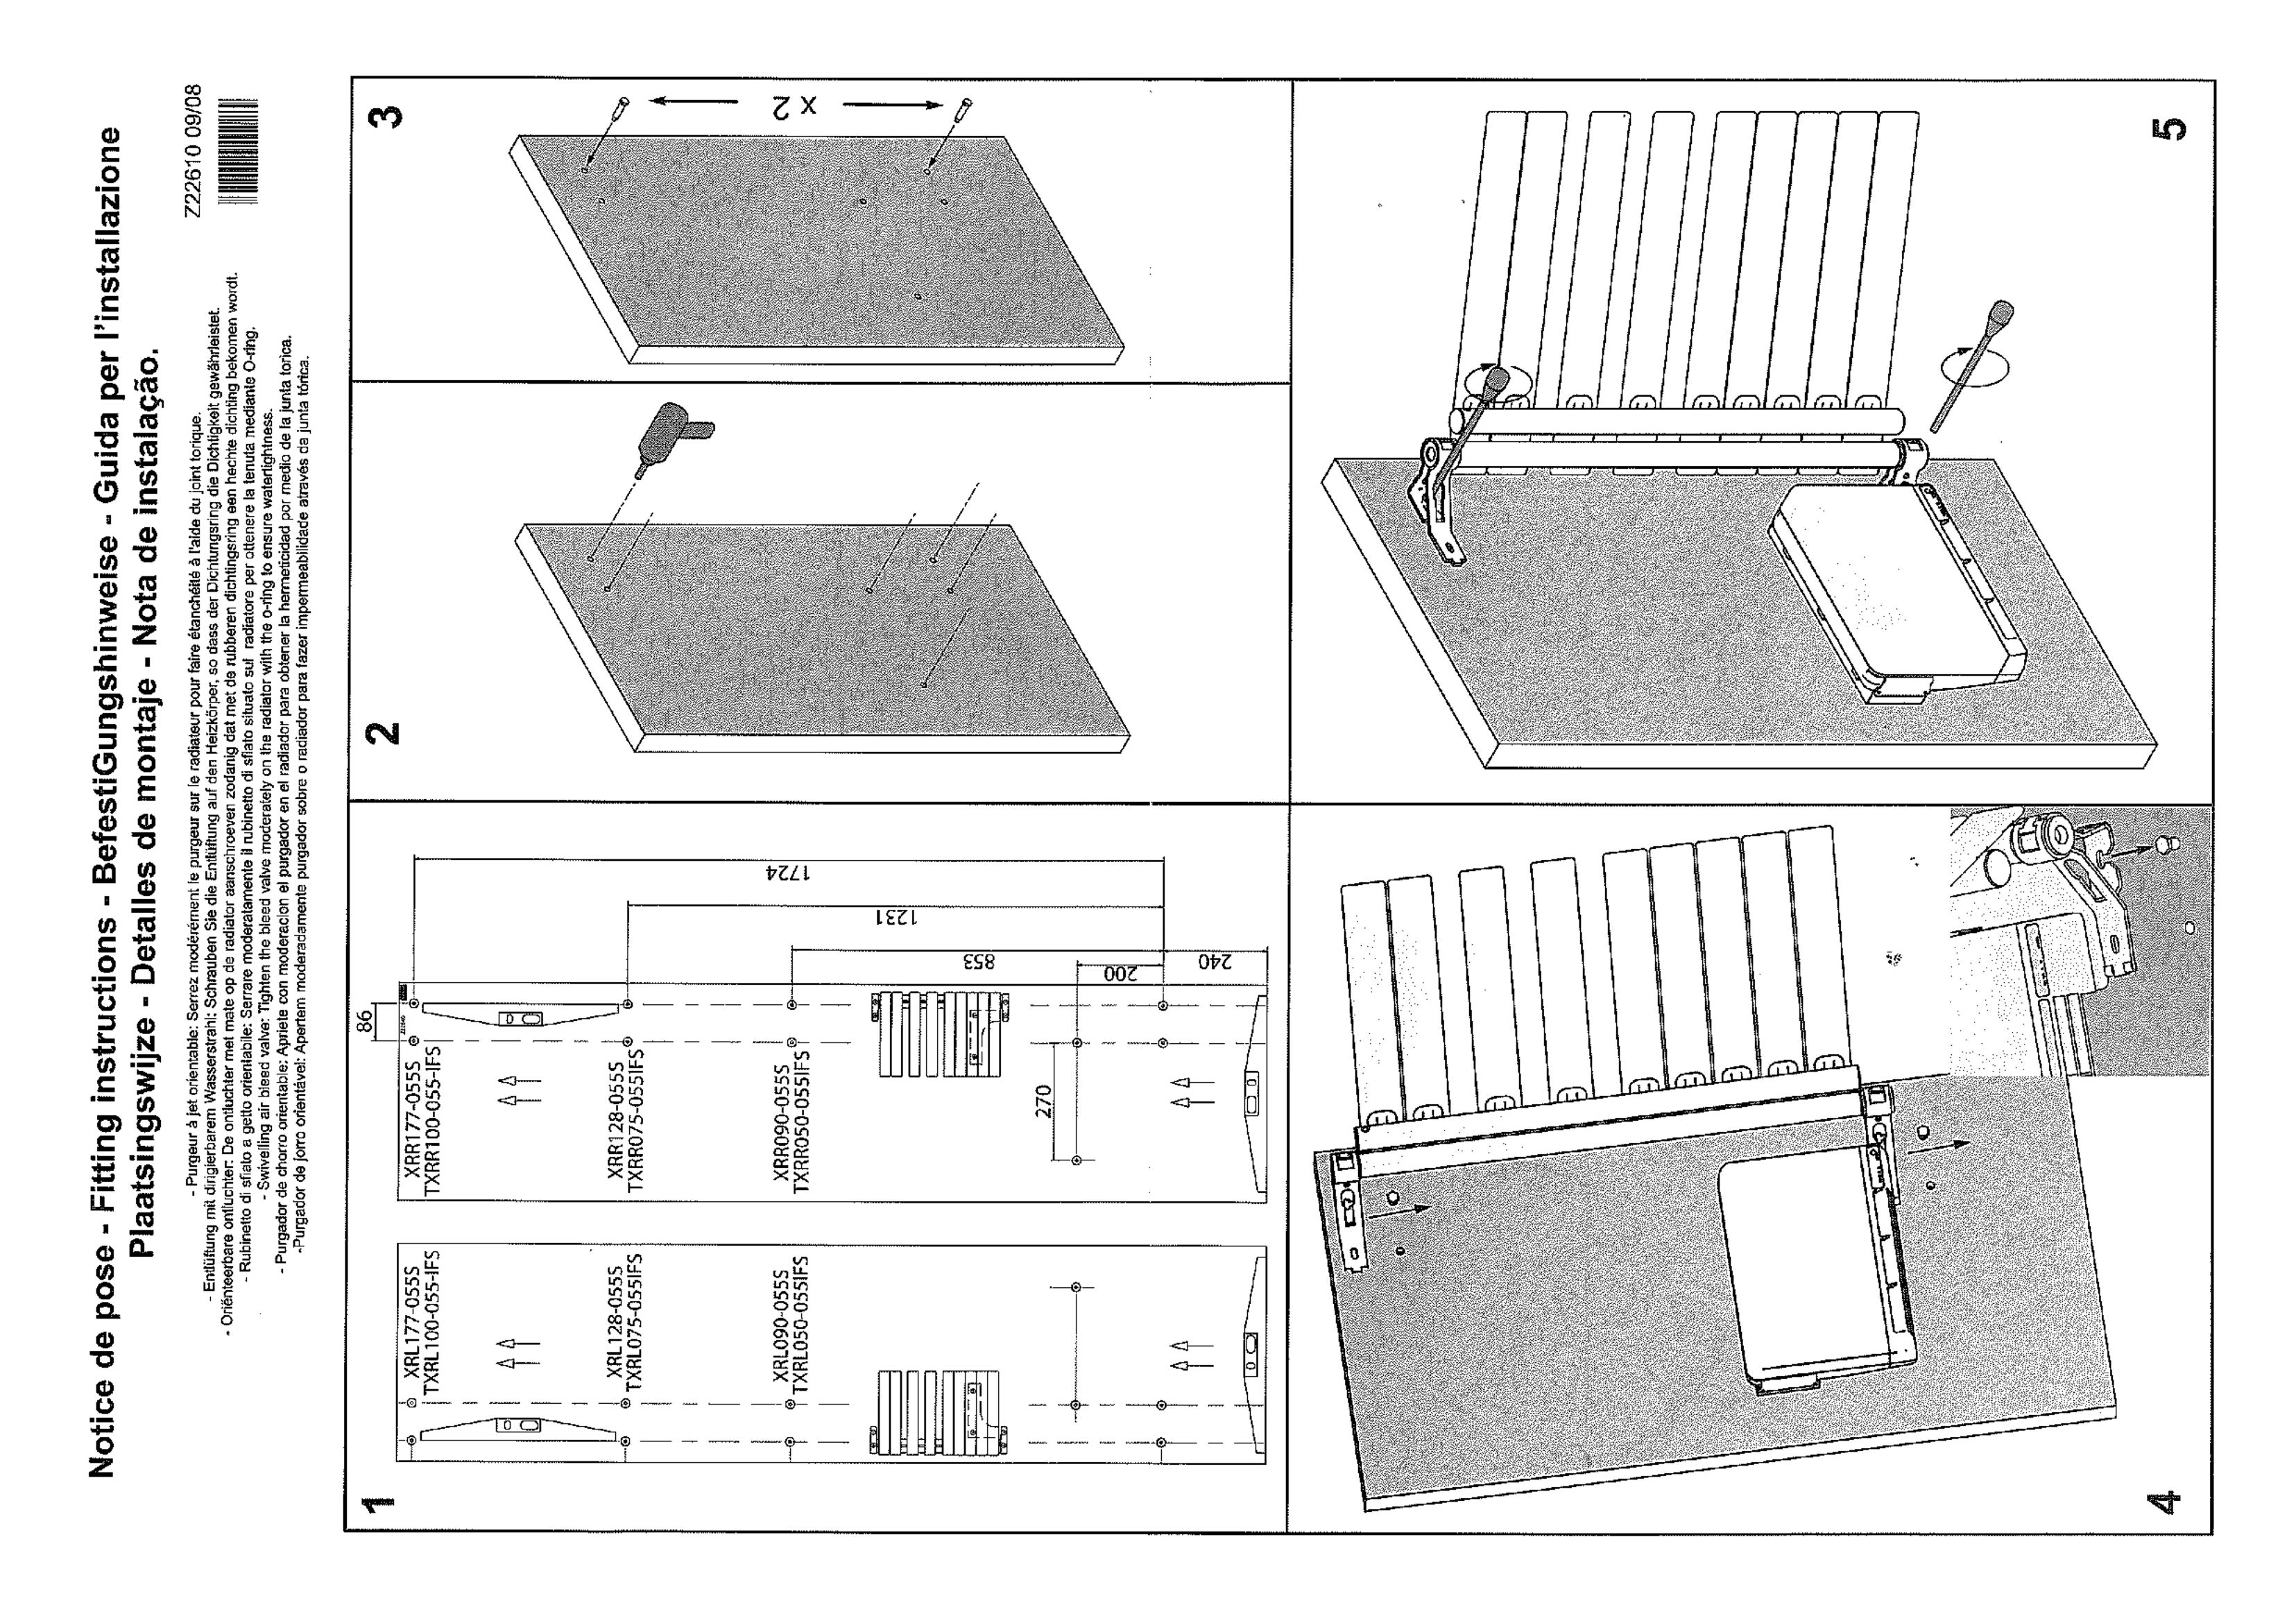 Фотография Инструкция по монтажу дизайнерского полотенцесушителя Zehnder Roda Twist Spa Air